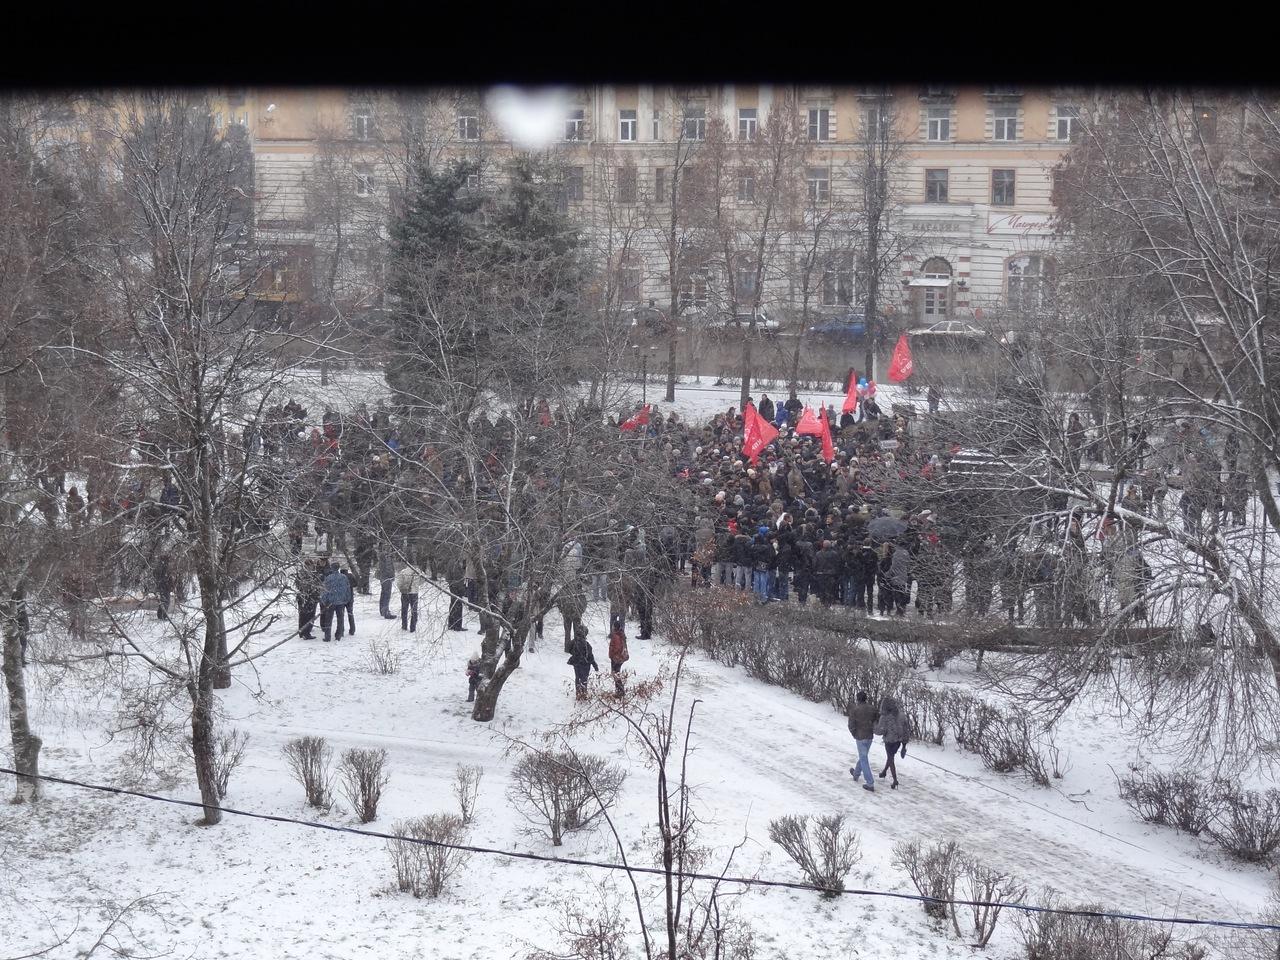 В декабре - выборы депутатов в Гос Думу. - Страница 7 Z_3efc639b